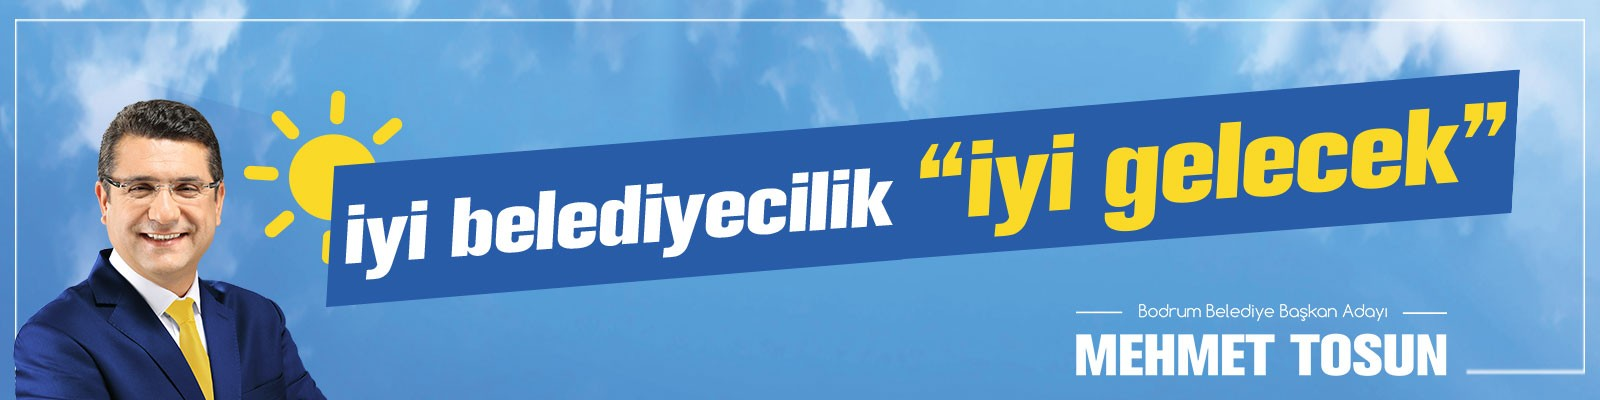 ALİ ÖZTÜRK: EN BÜYÜK PROJEM İŞBİRLİĞİ… mehmet tosun banner 1